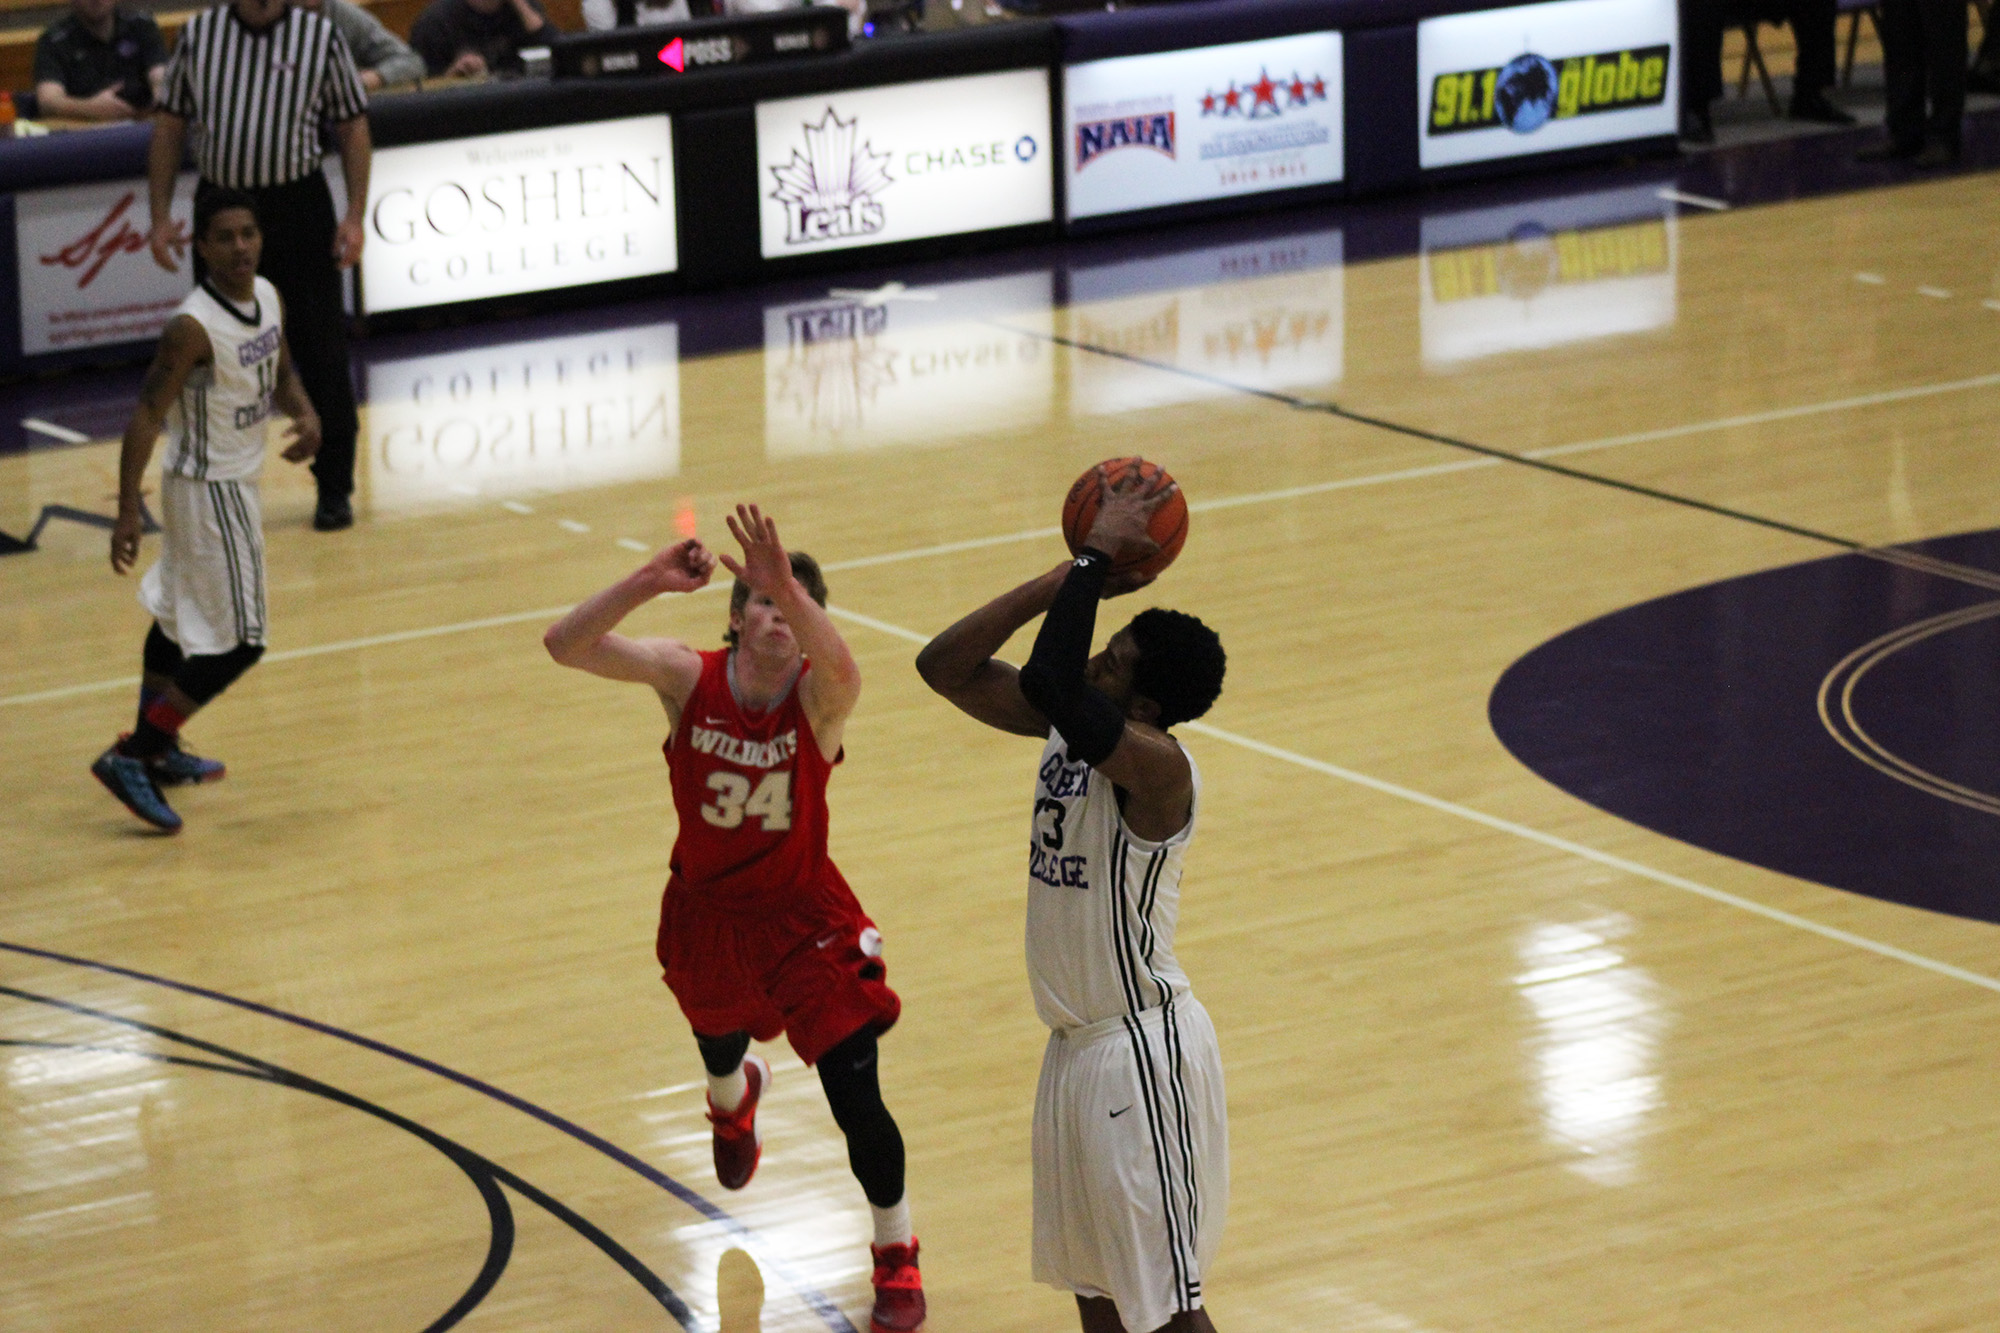 basketball player shoots the ball